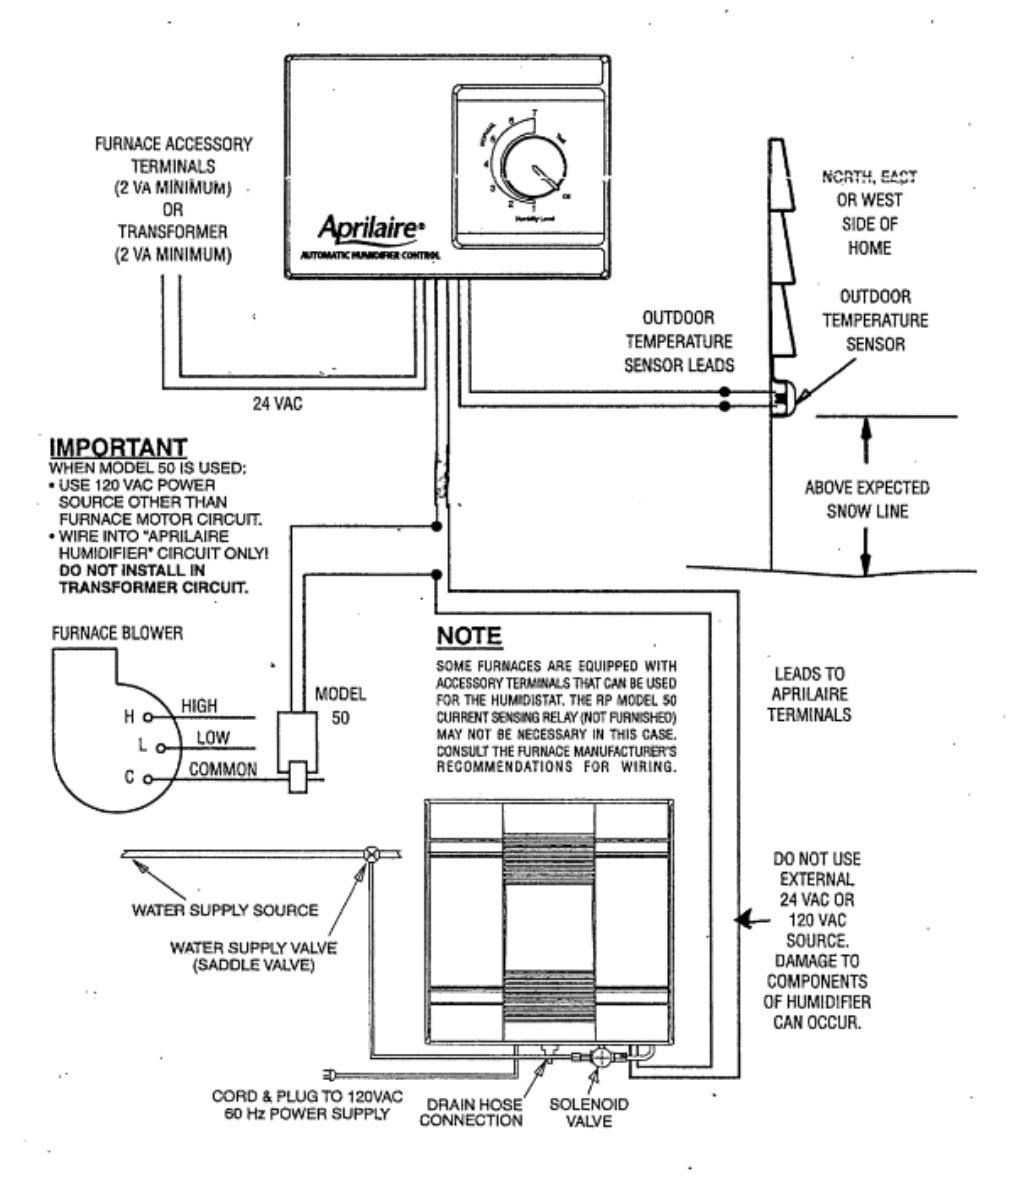 York Furnace Wiring Schematic - Wiring Diagram Explained - Oil Furnace Wiring Diagram